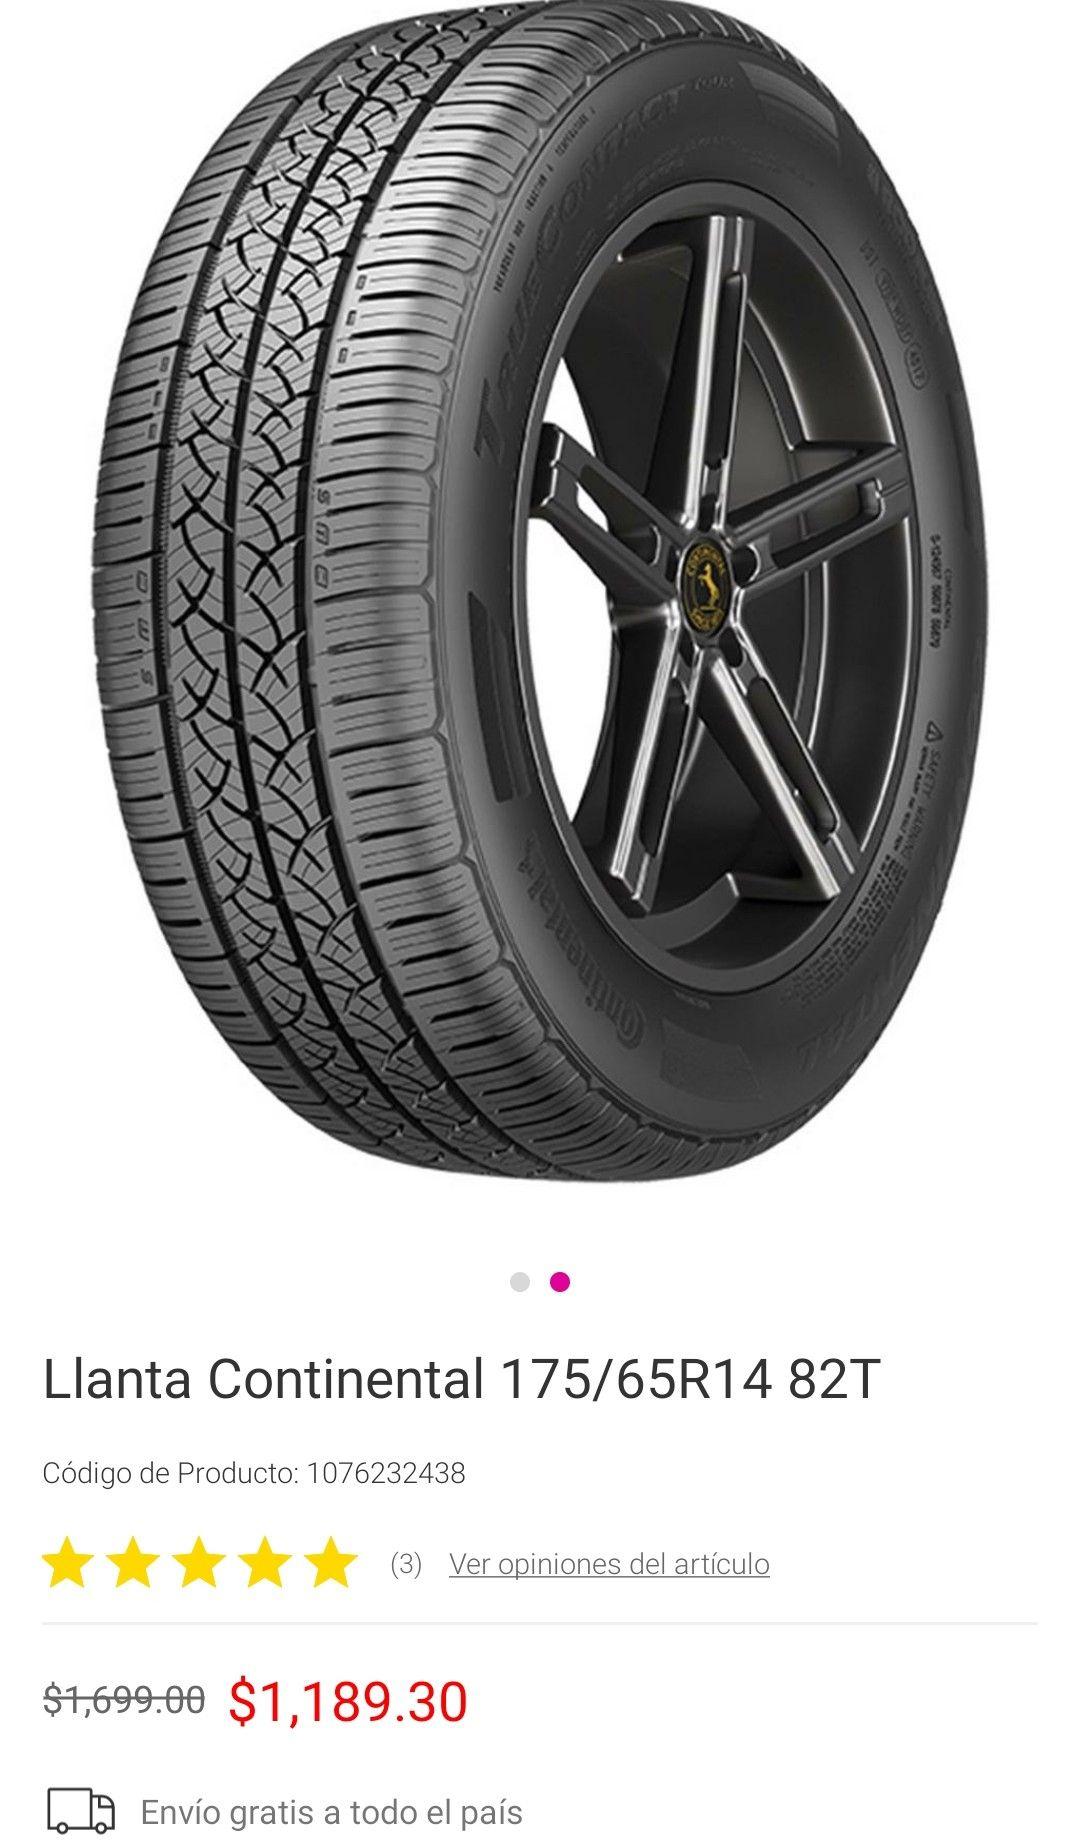 Liverpool Llanta Continental 175/65R14 28T